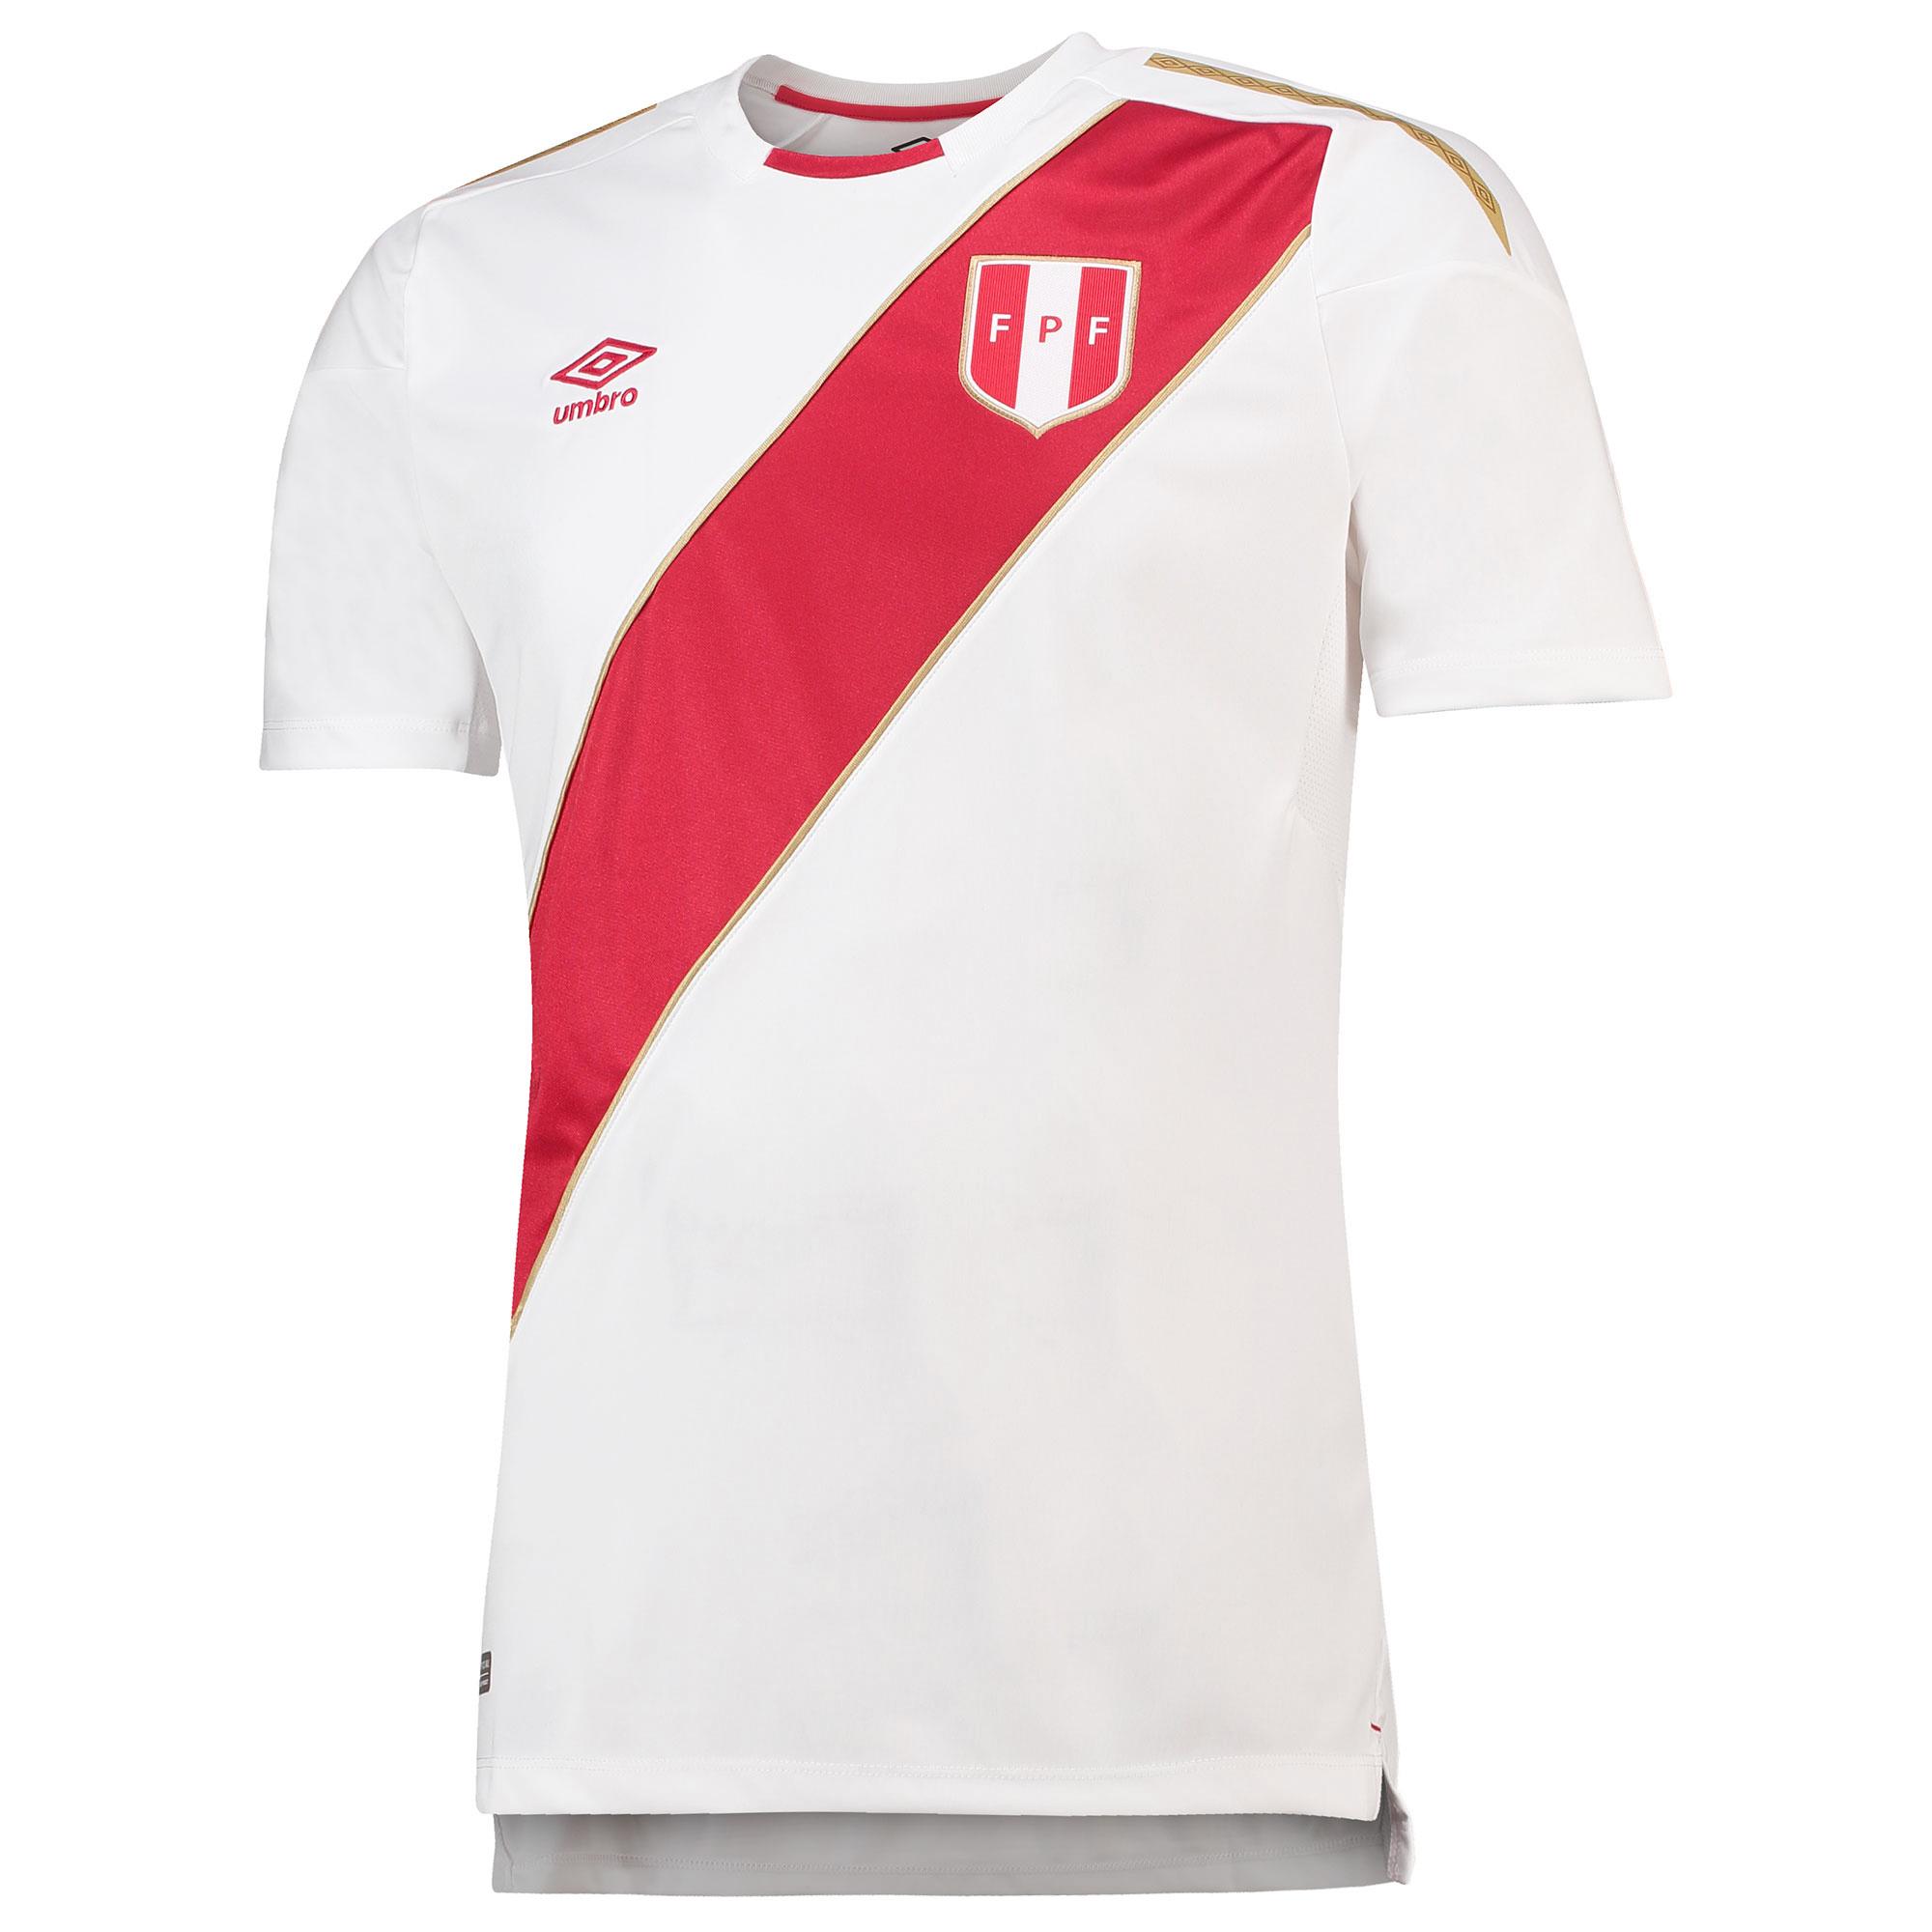 c31760ef5 ... Peru 2018 World Cup Umbro Away Kit · Click to enlarge image  peru 2018 umbro home kit 1.jpg ...